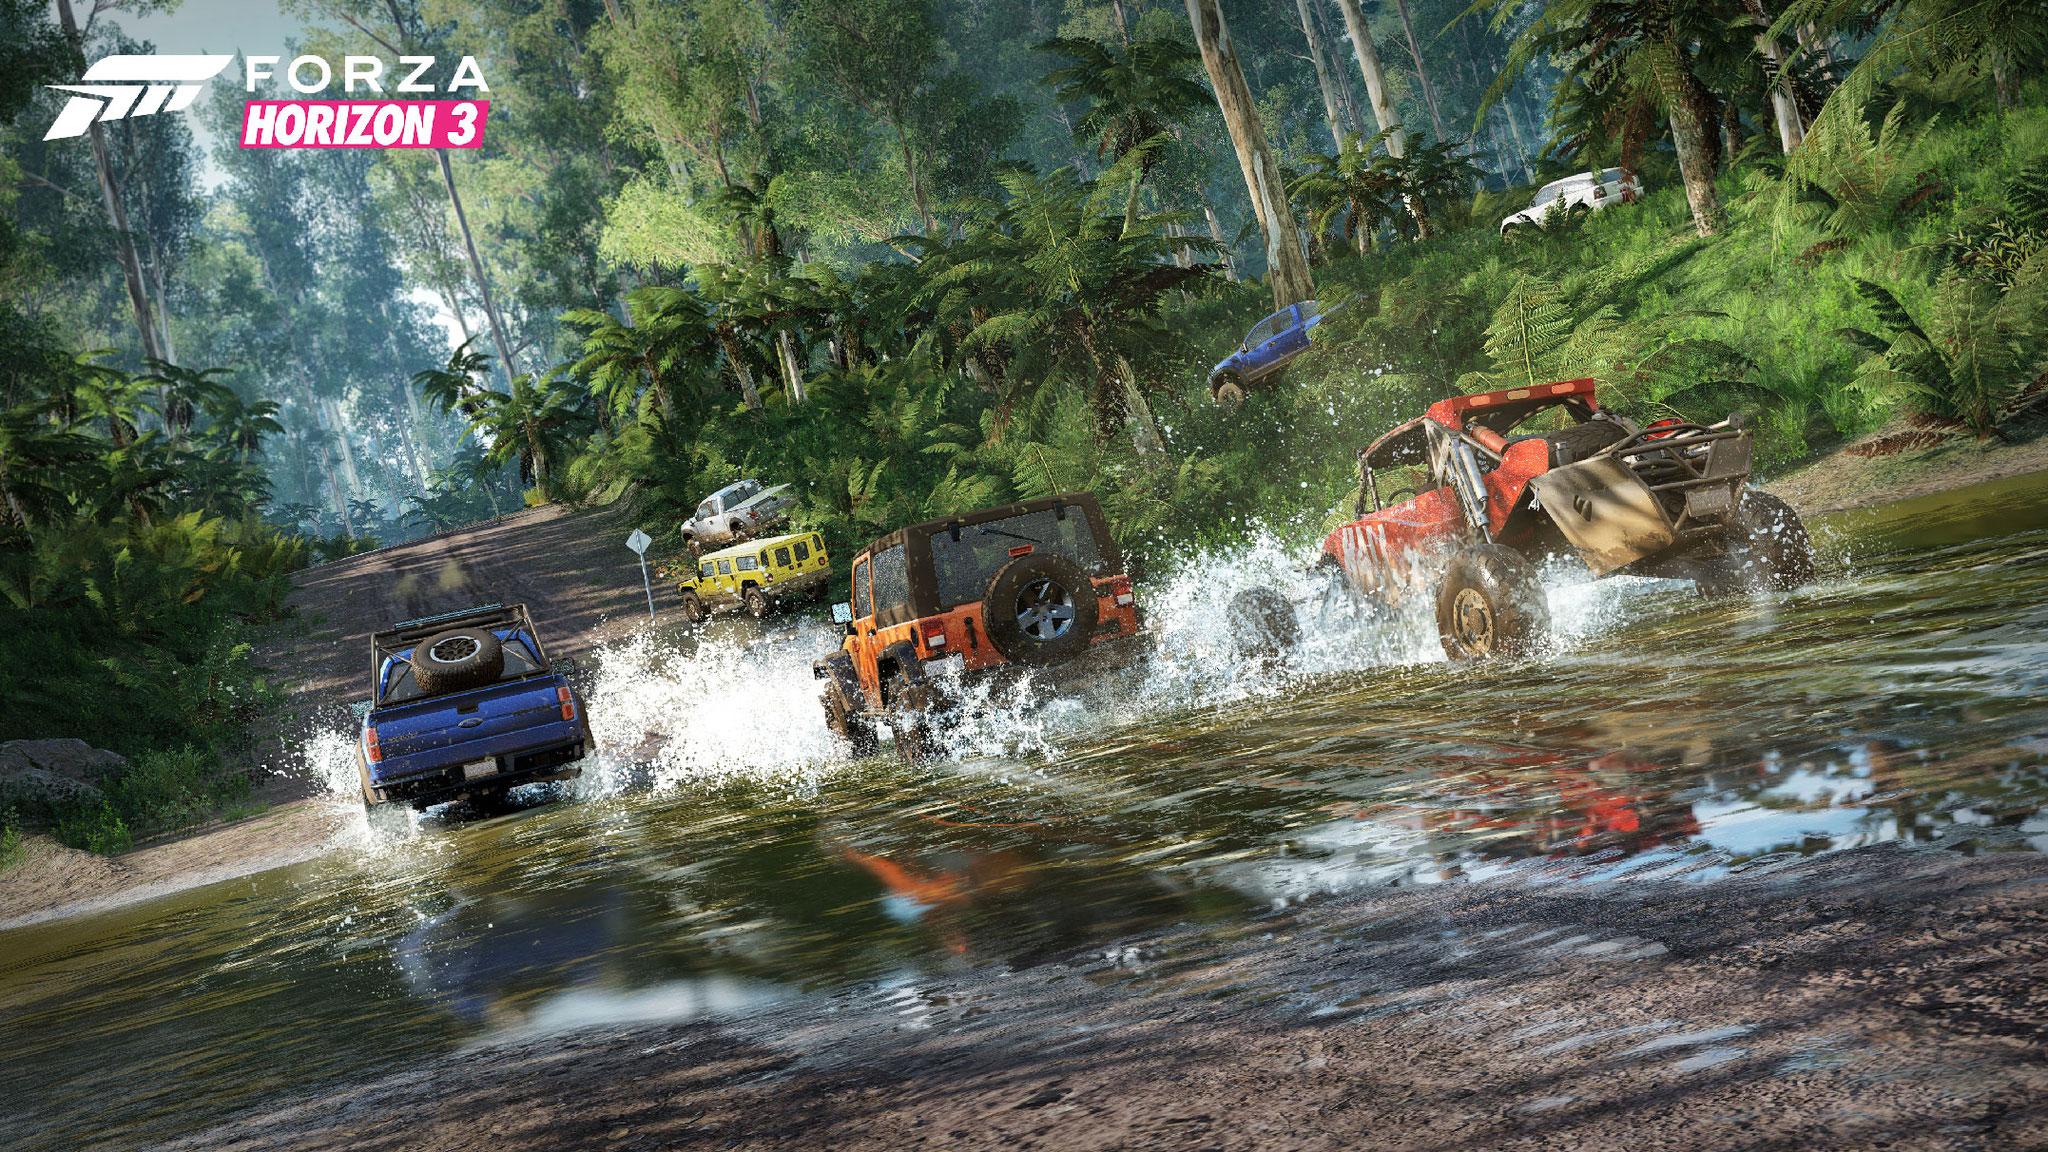 """Mit Vollgas über Stock und Stein: In """"Forza Horizon 3"""" brettern Querfeldein-Raser durch ein prachtvolles Open-World-Terrain, das Entwickler Playground nach dem Vorbild des australischen Outbacks gestaltet hat • Ab 27.09. für Xbox One, PC"""